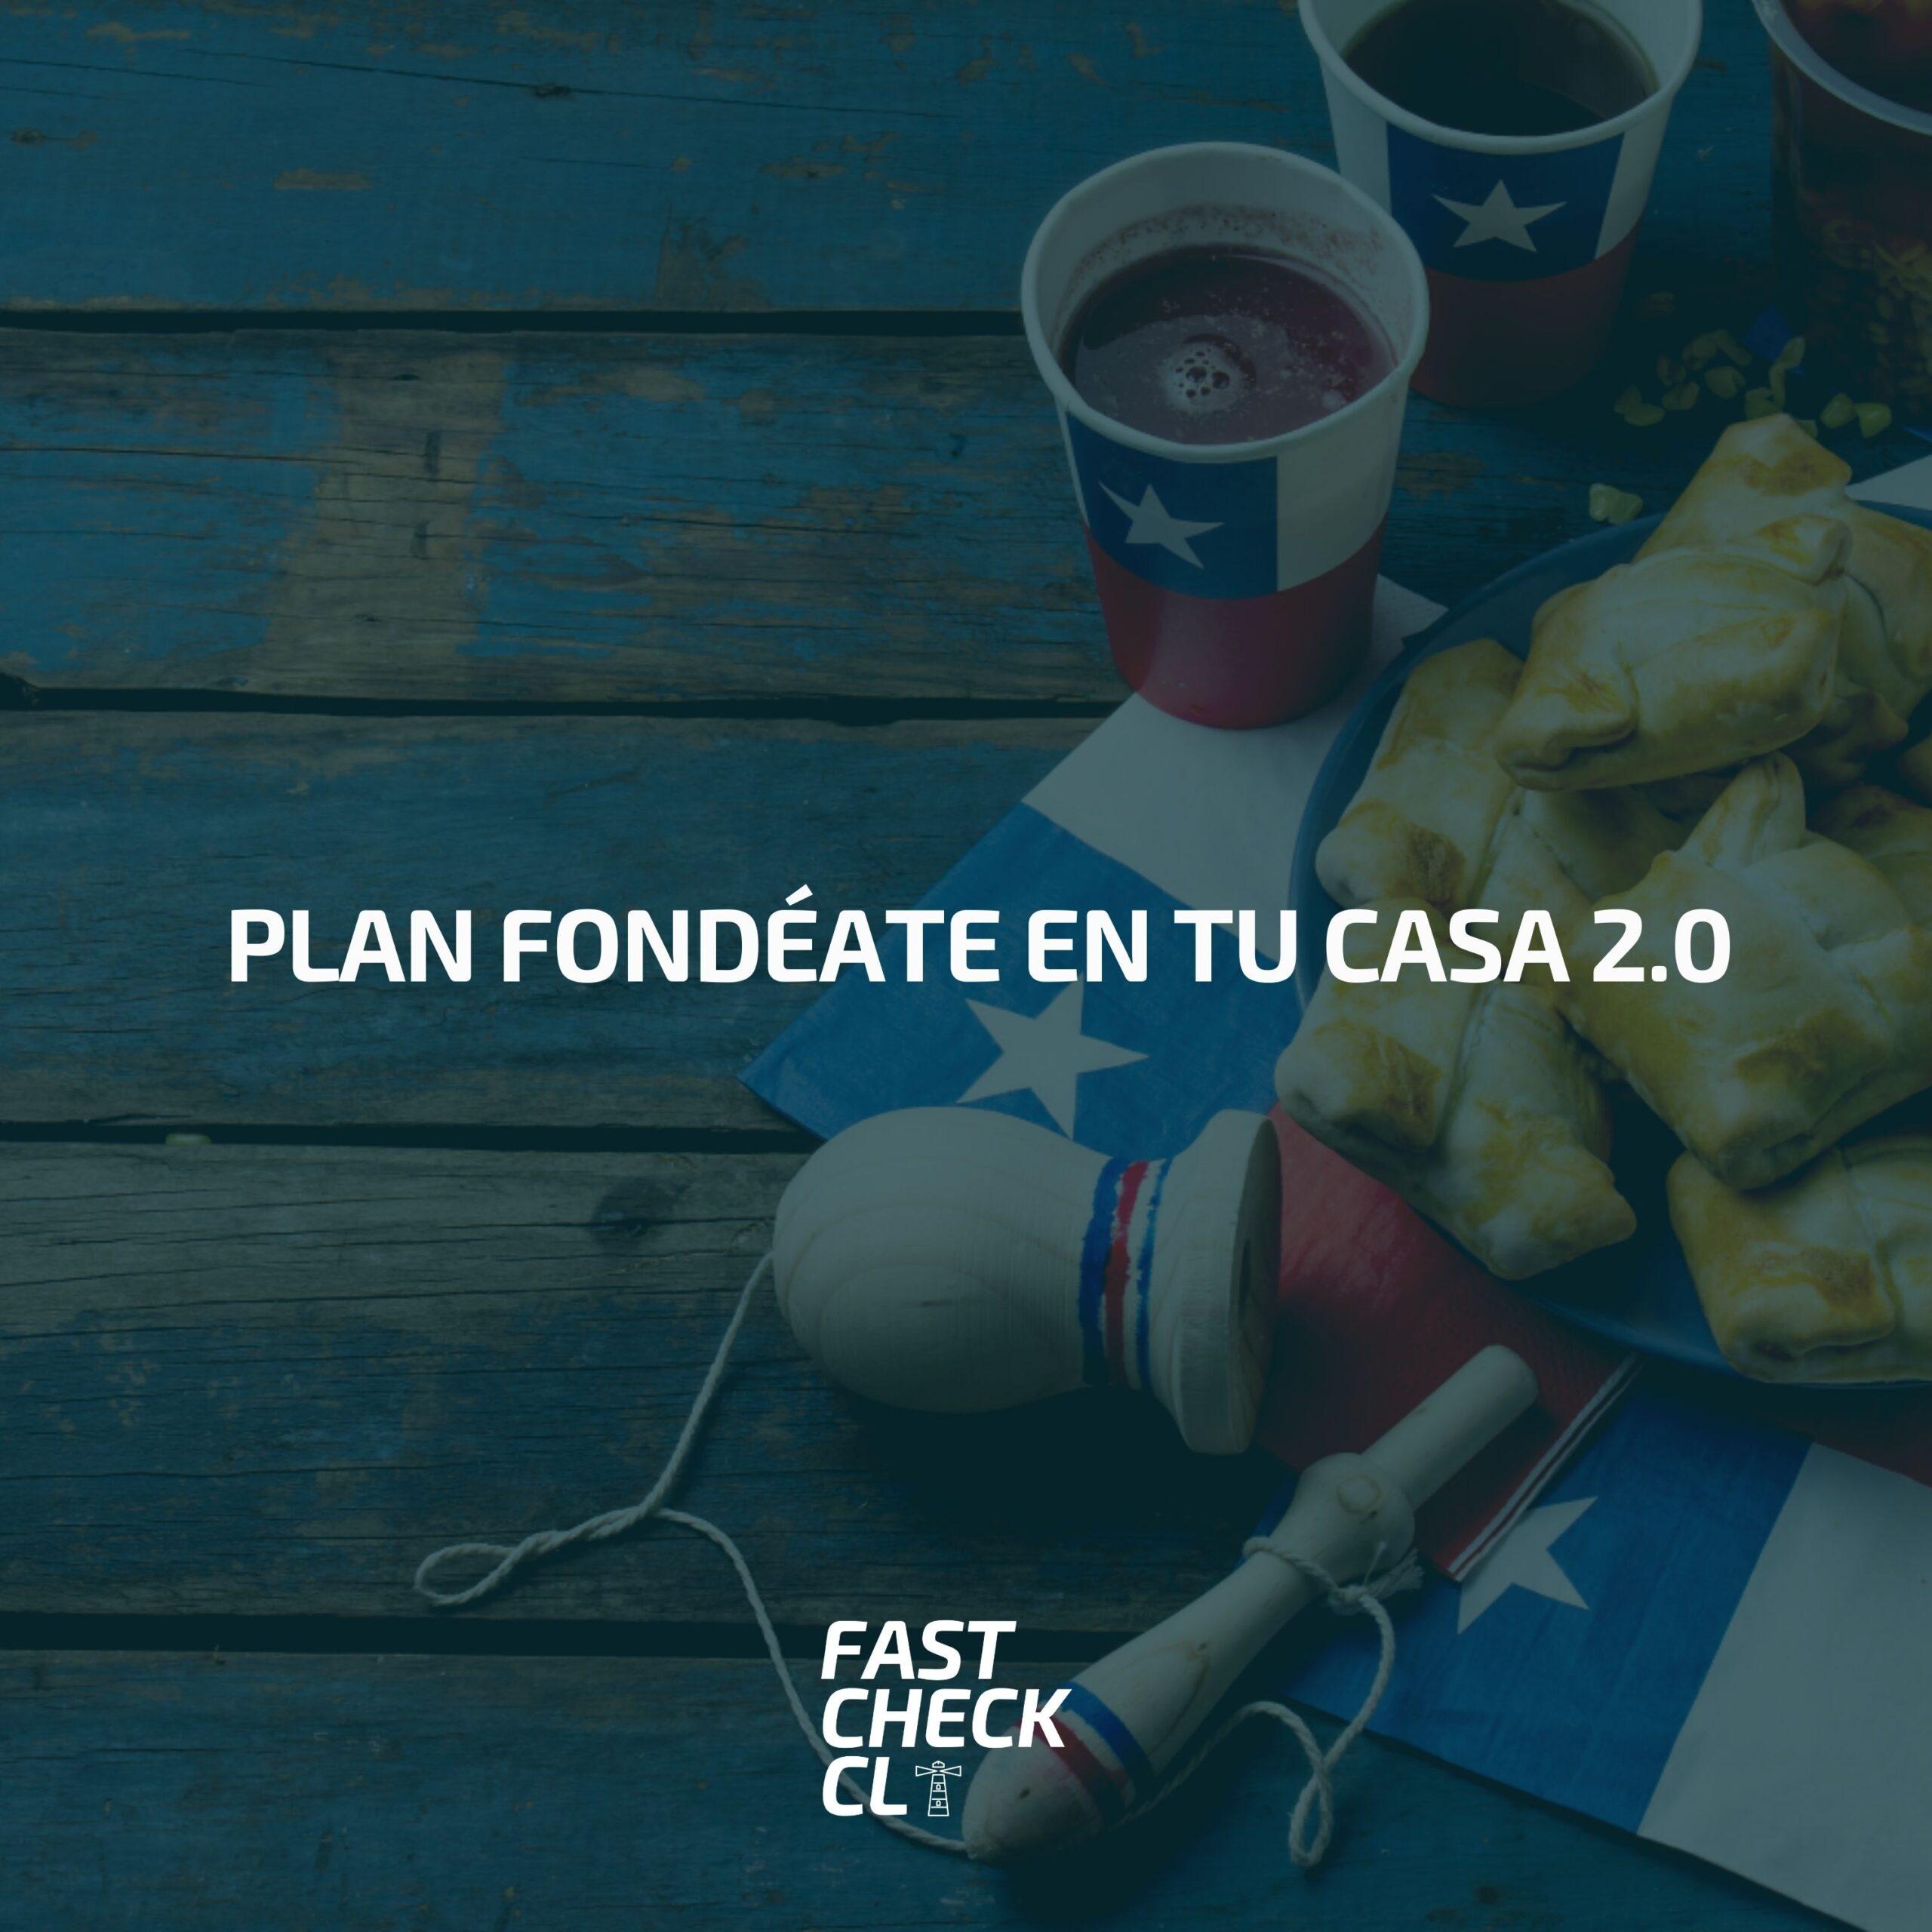 Plan Fondéate en tu casa 2.0